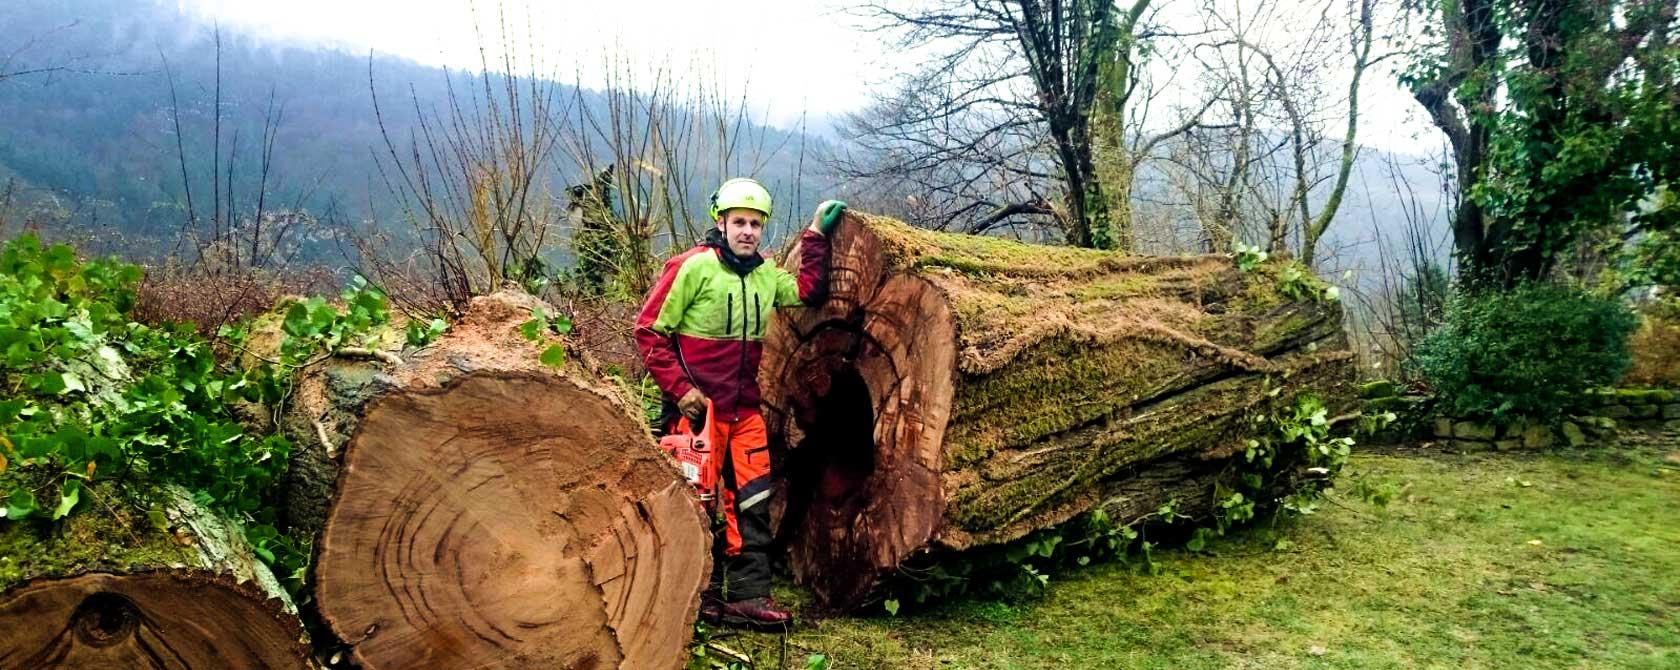 DANIELS Baumpflege Gartenservice